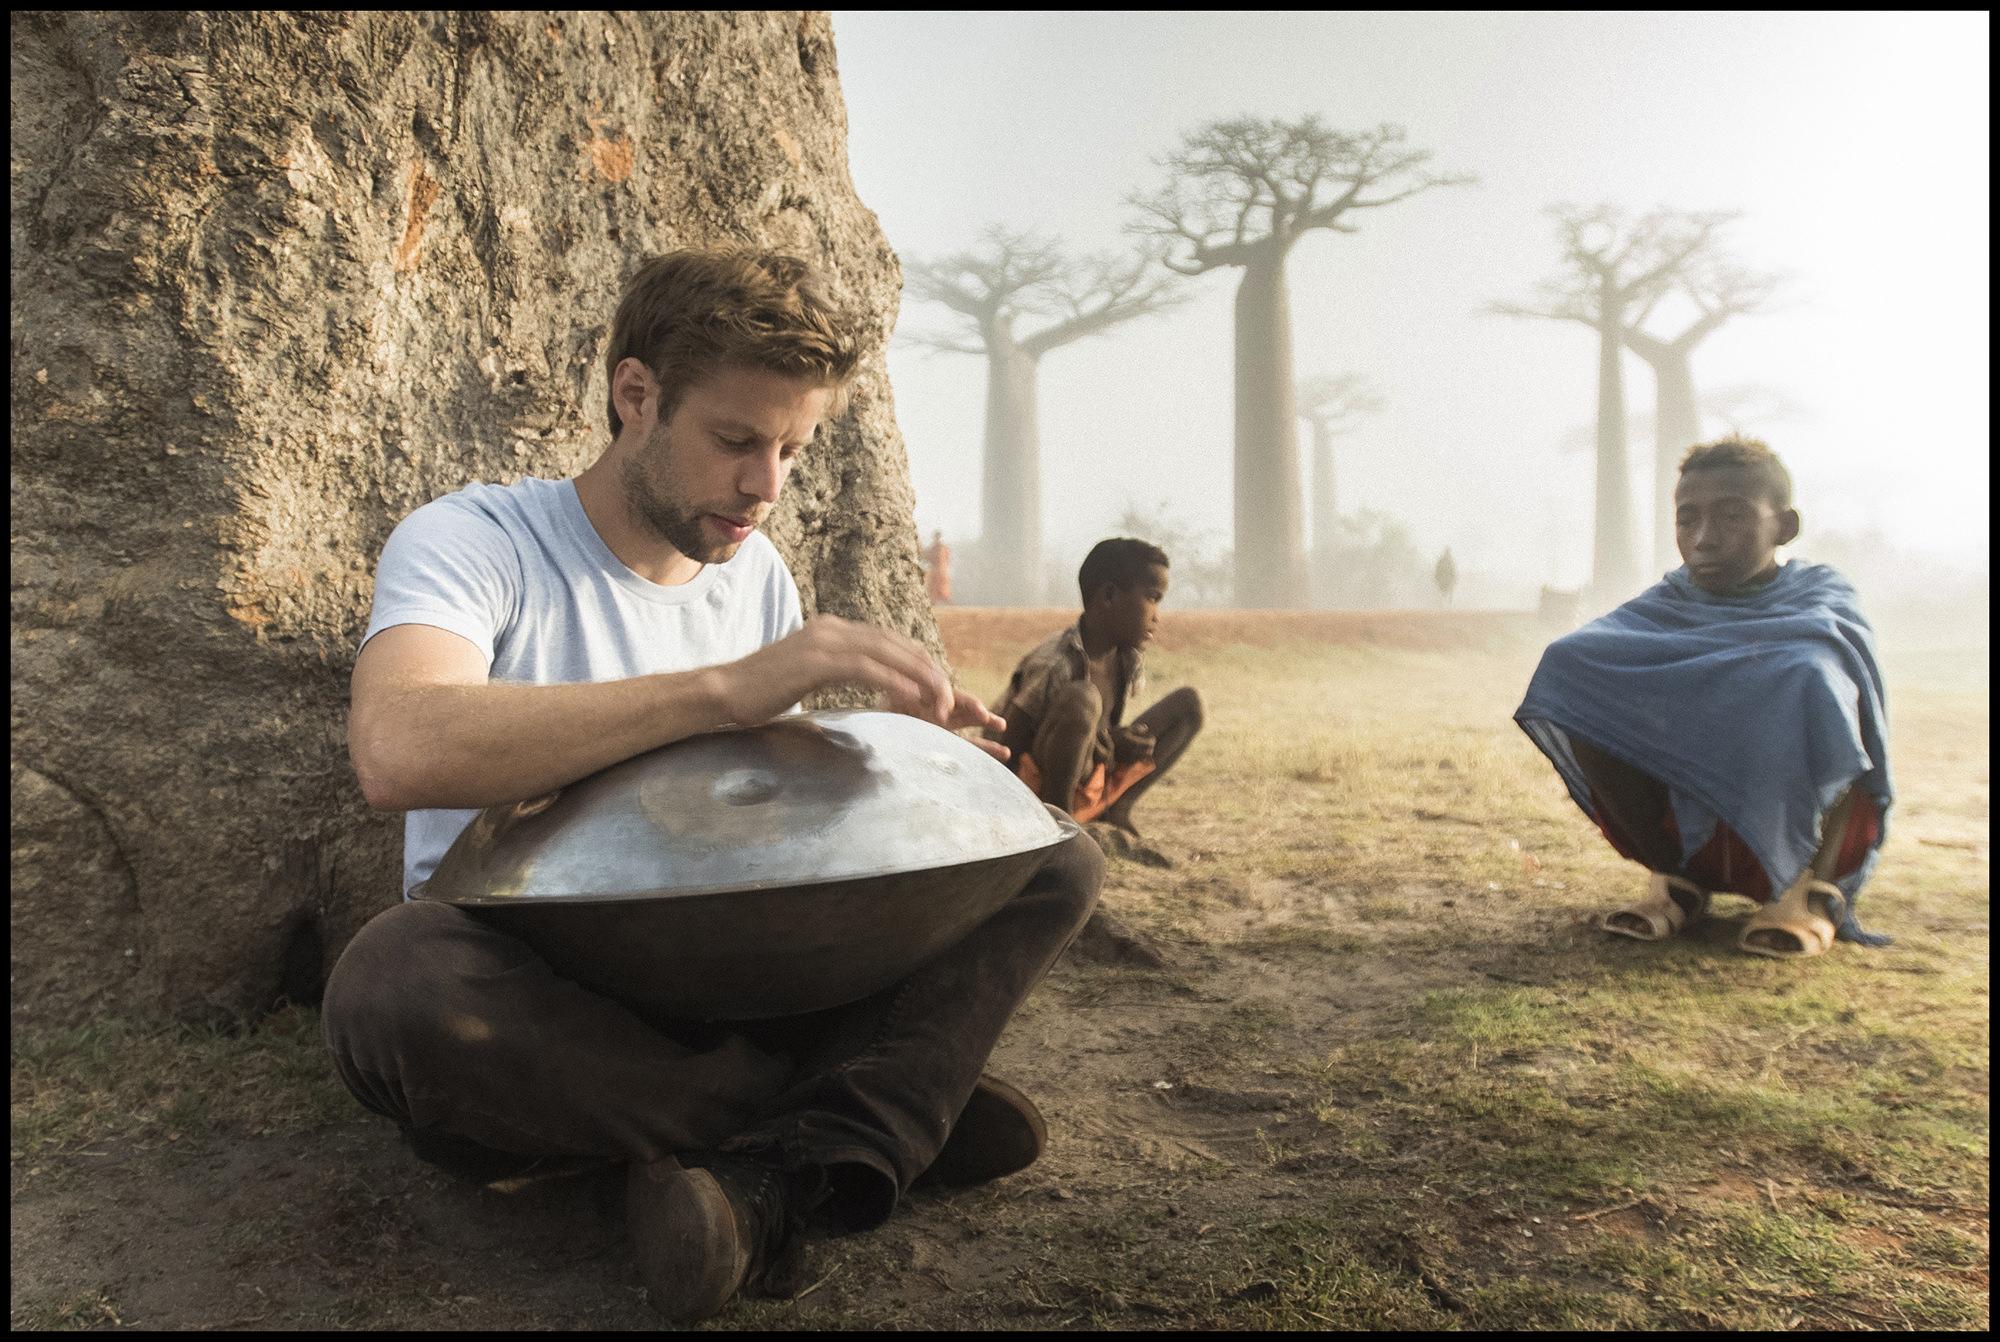 Digital Patrik Wallner Baobab Wilko In the Moment LOWQ 2000P